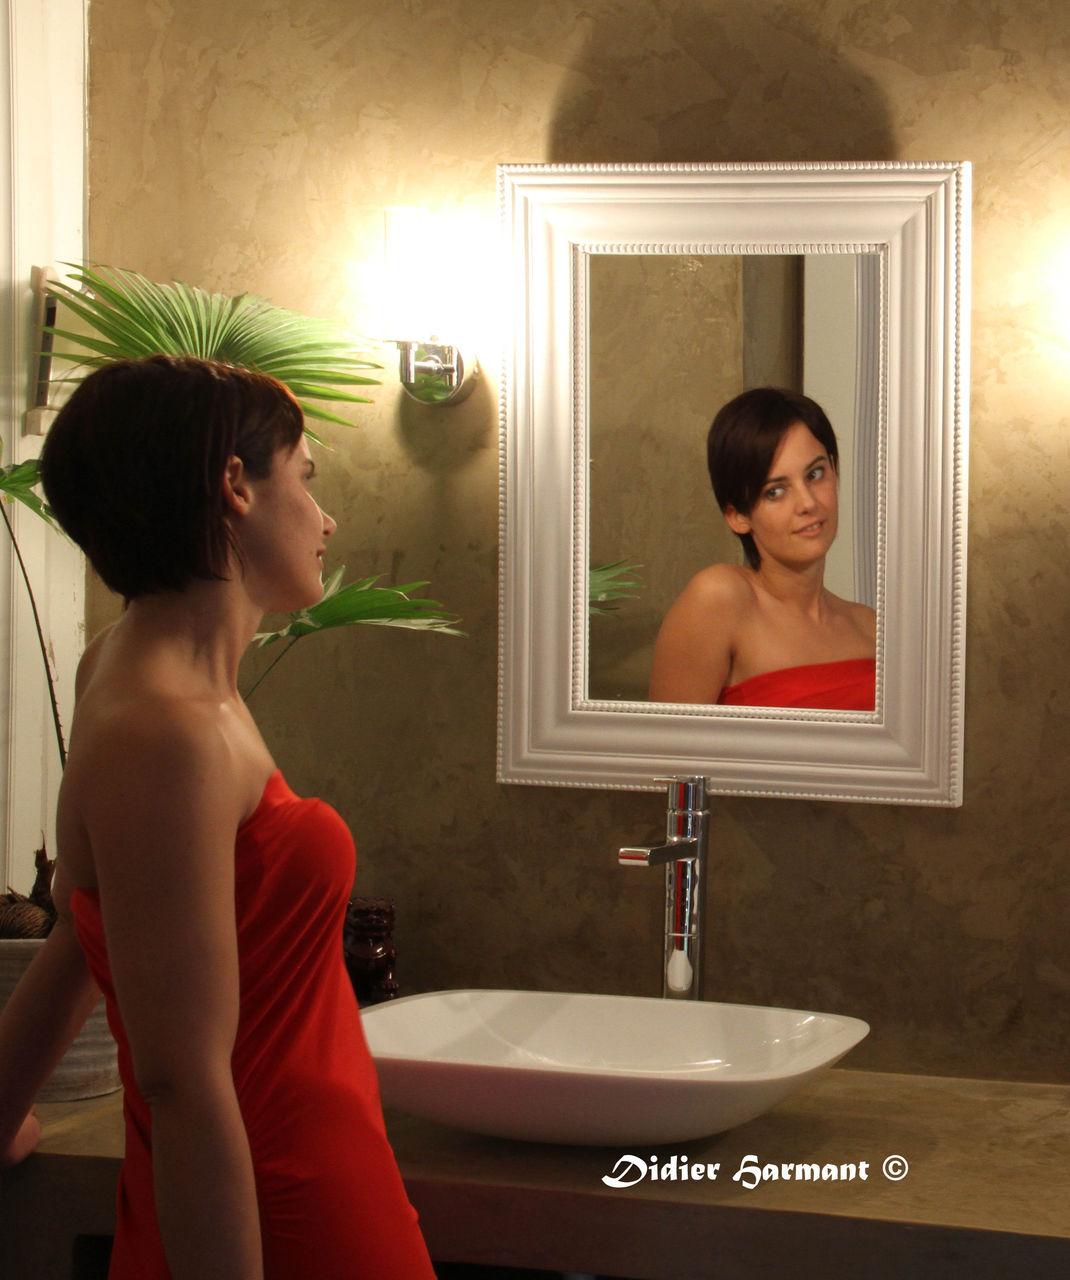 Didier Harmant Miroir au rouge